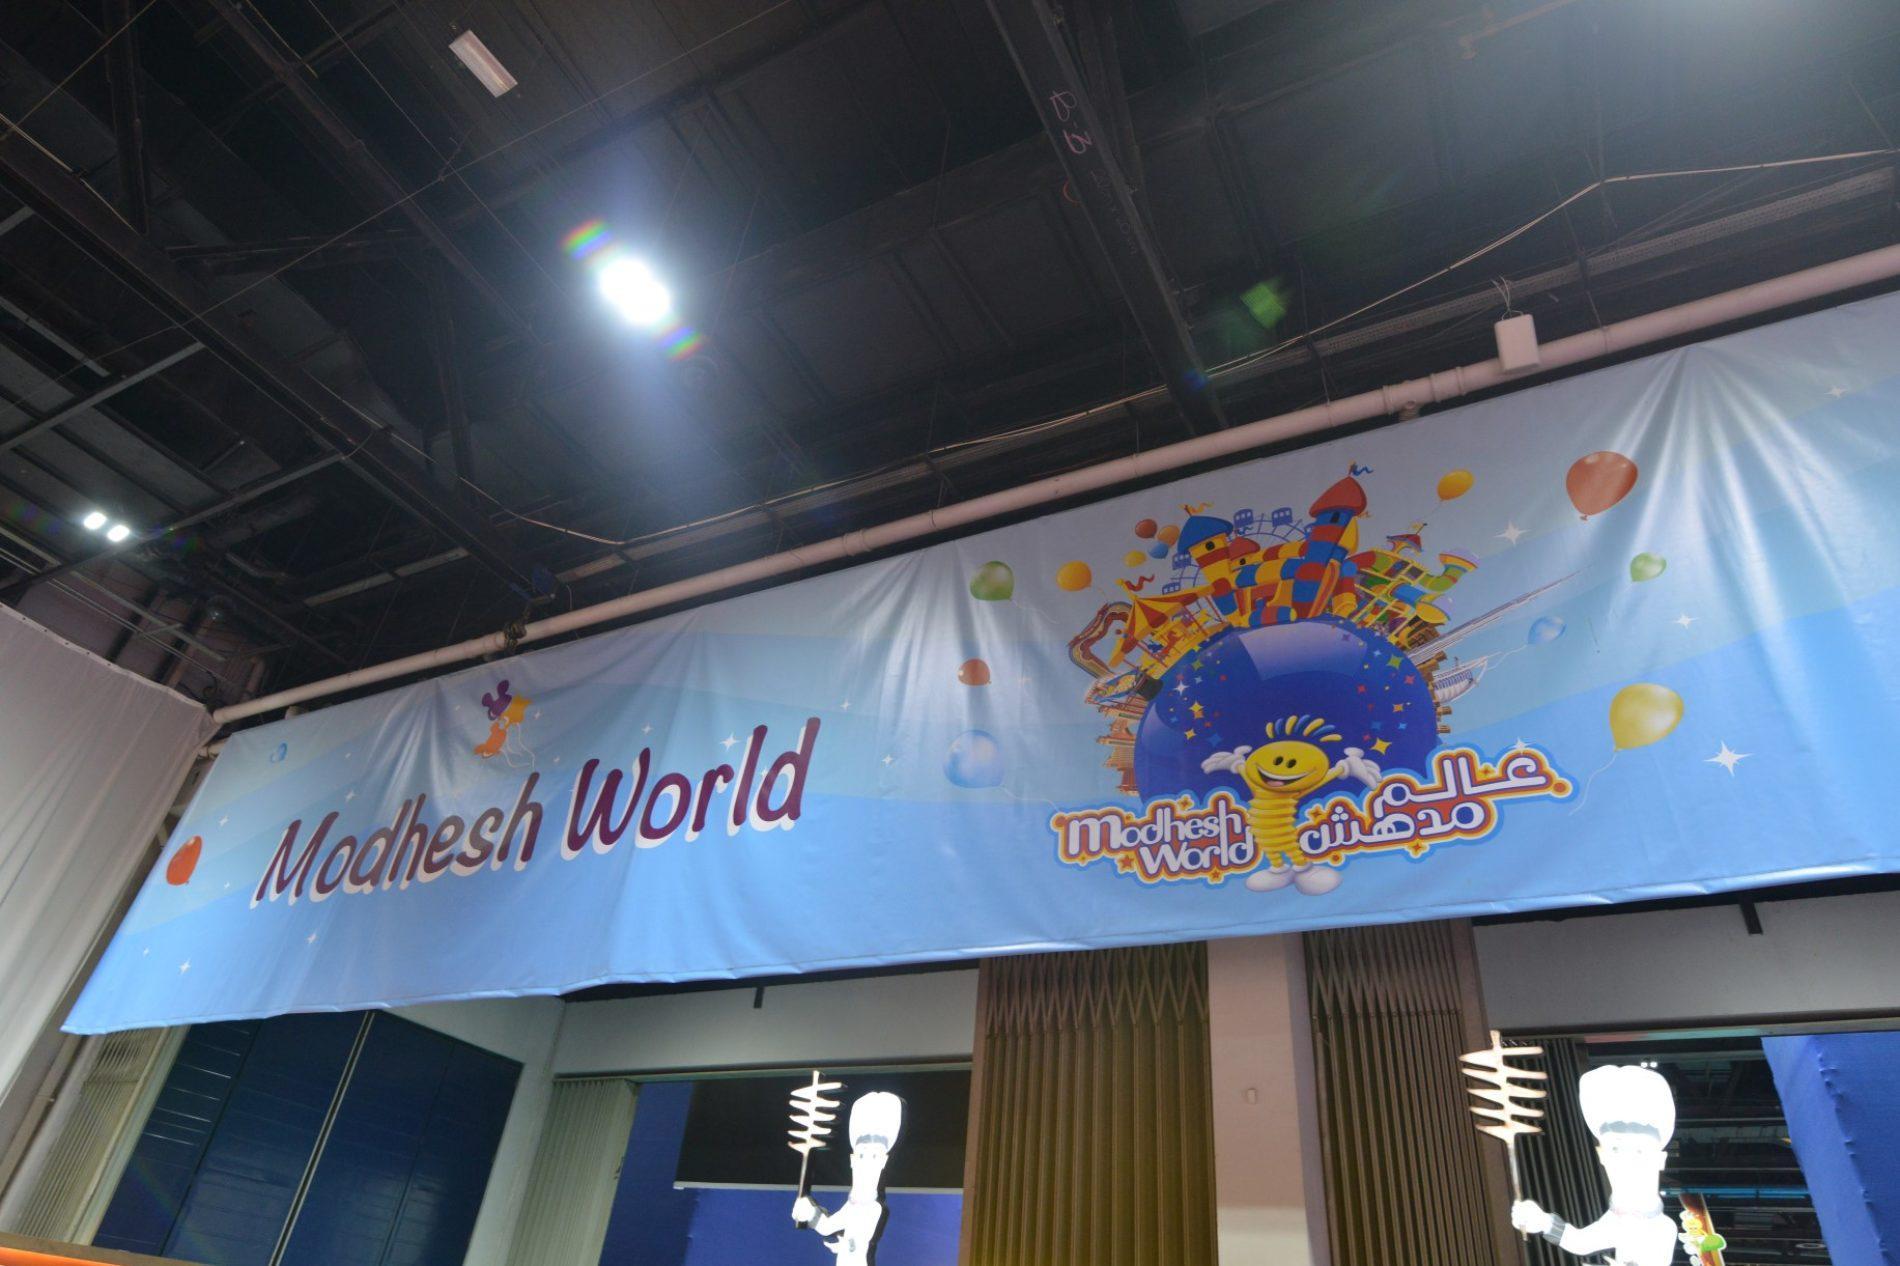 Modhesh World